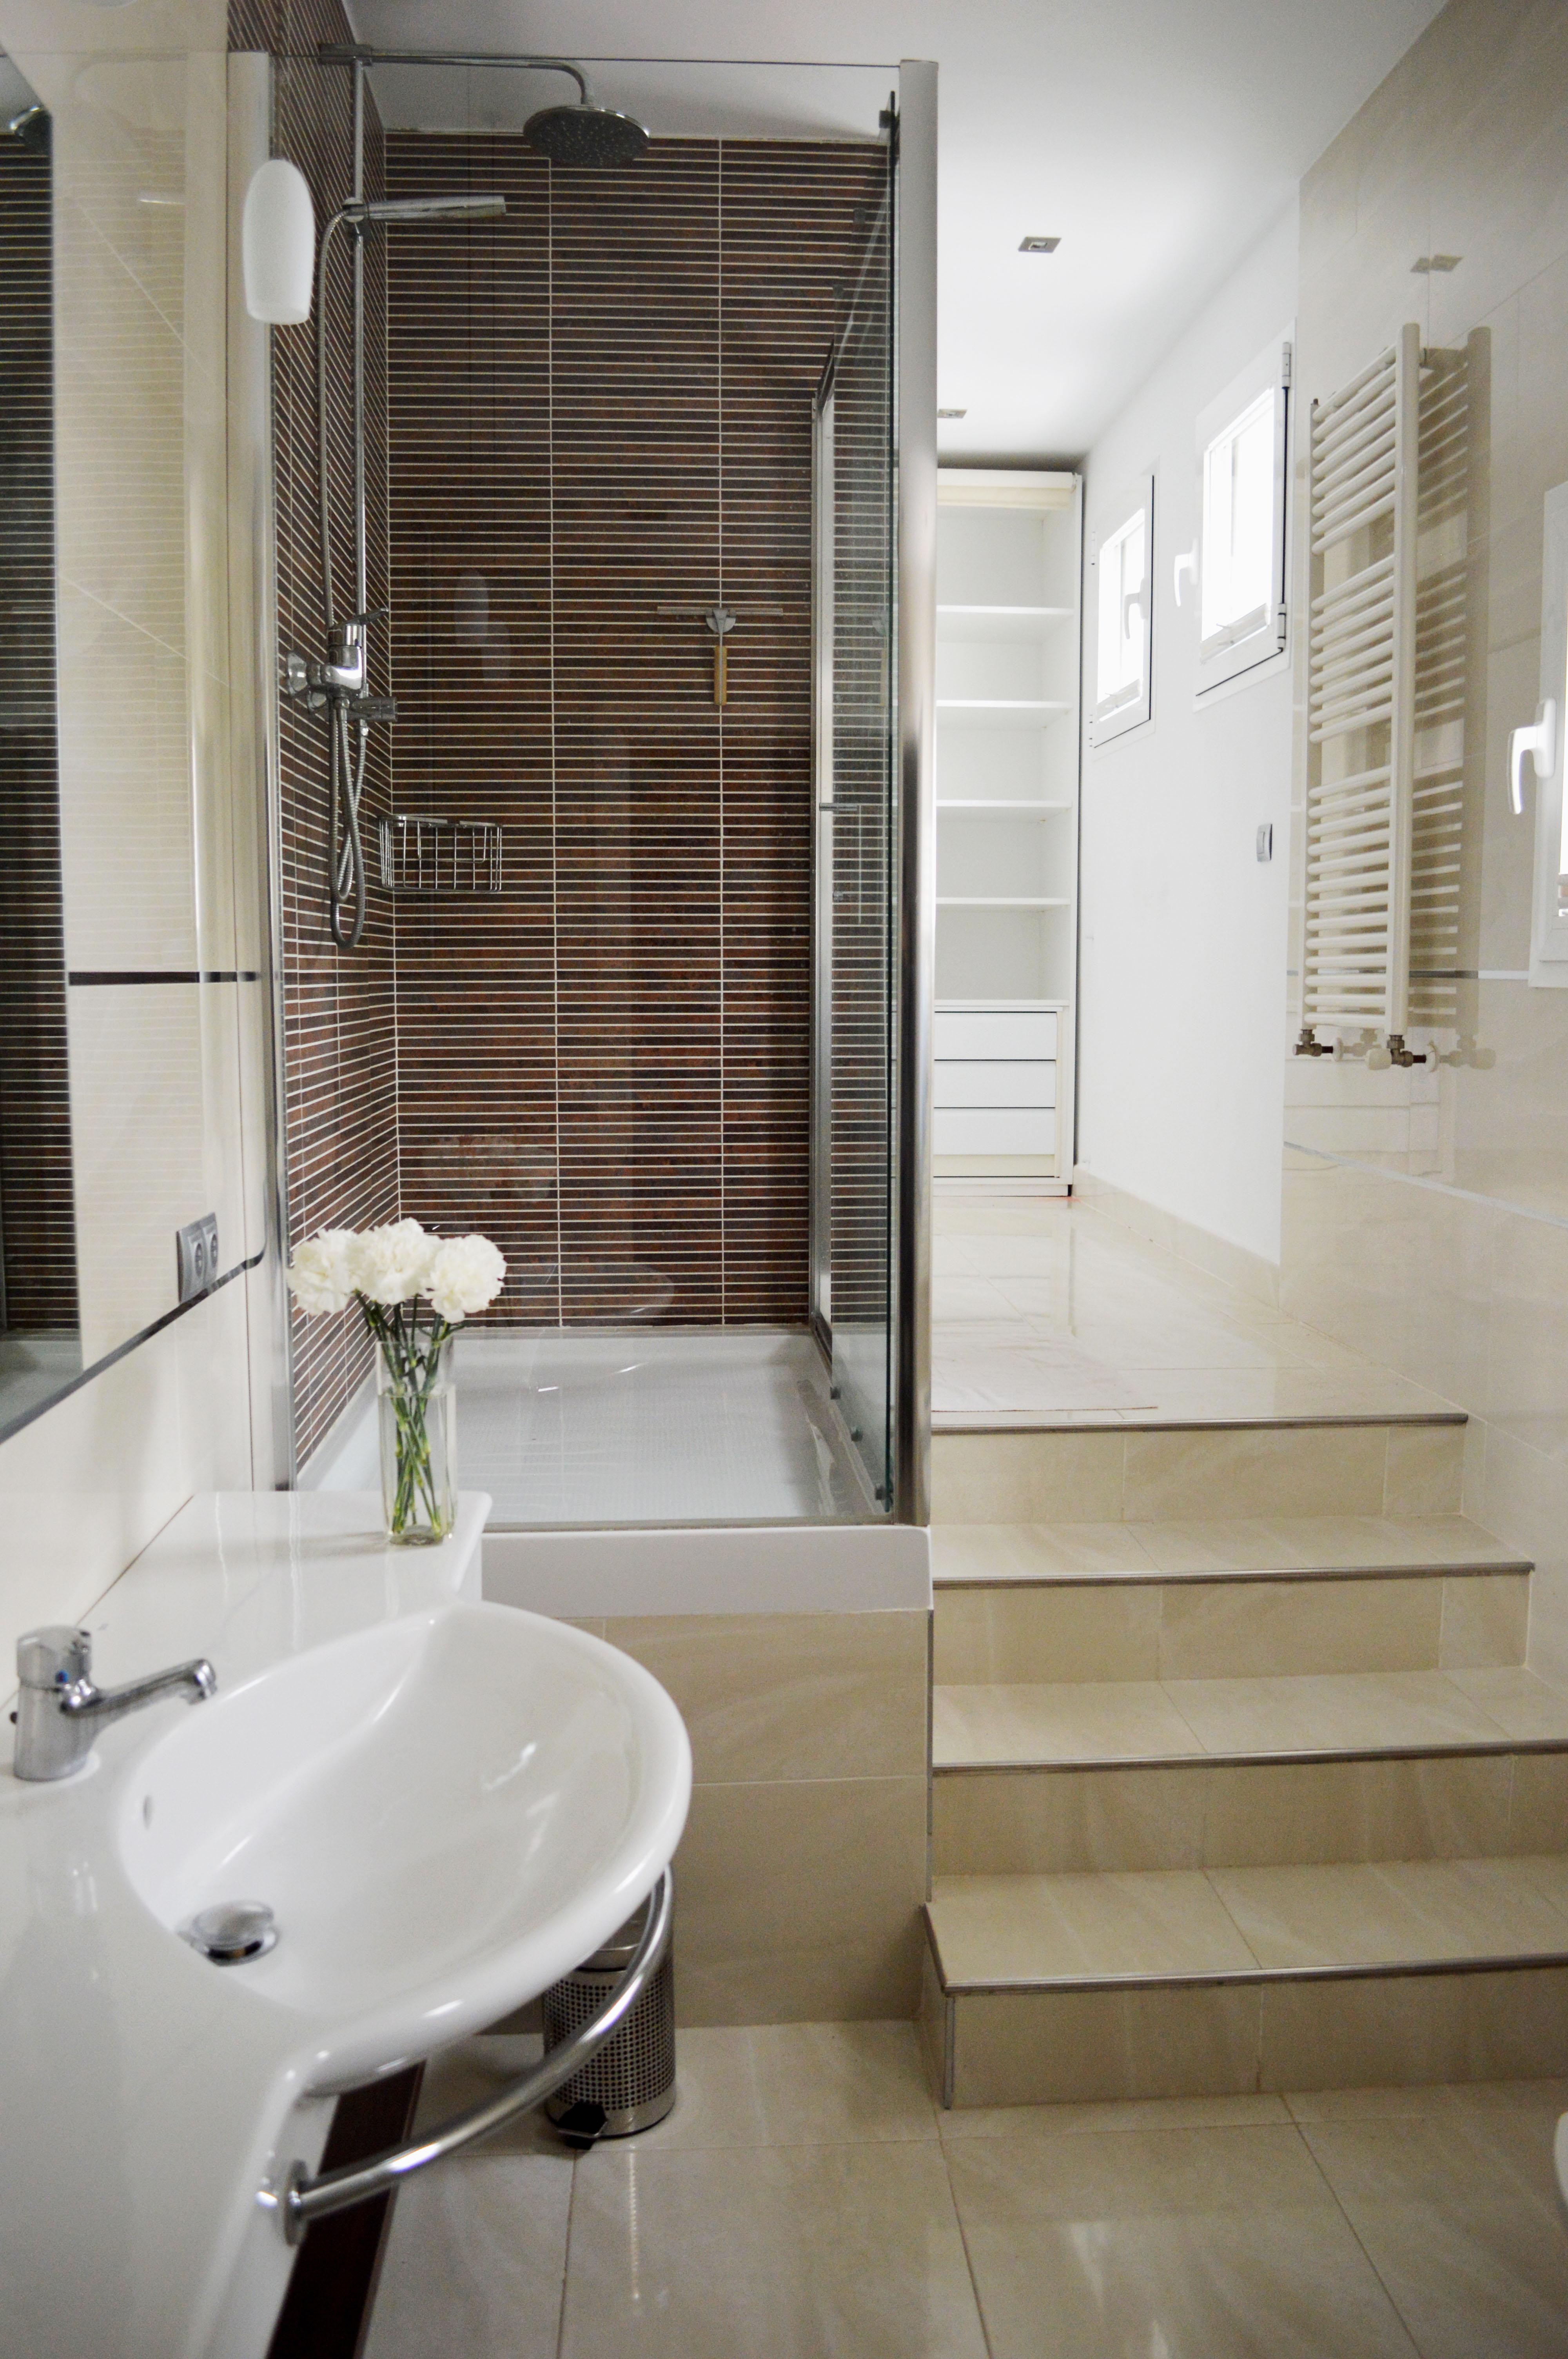 ibiza villa - ibiza architekten villa ab 350€ pro nacht, Badezimmer ideen